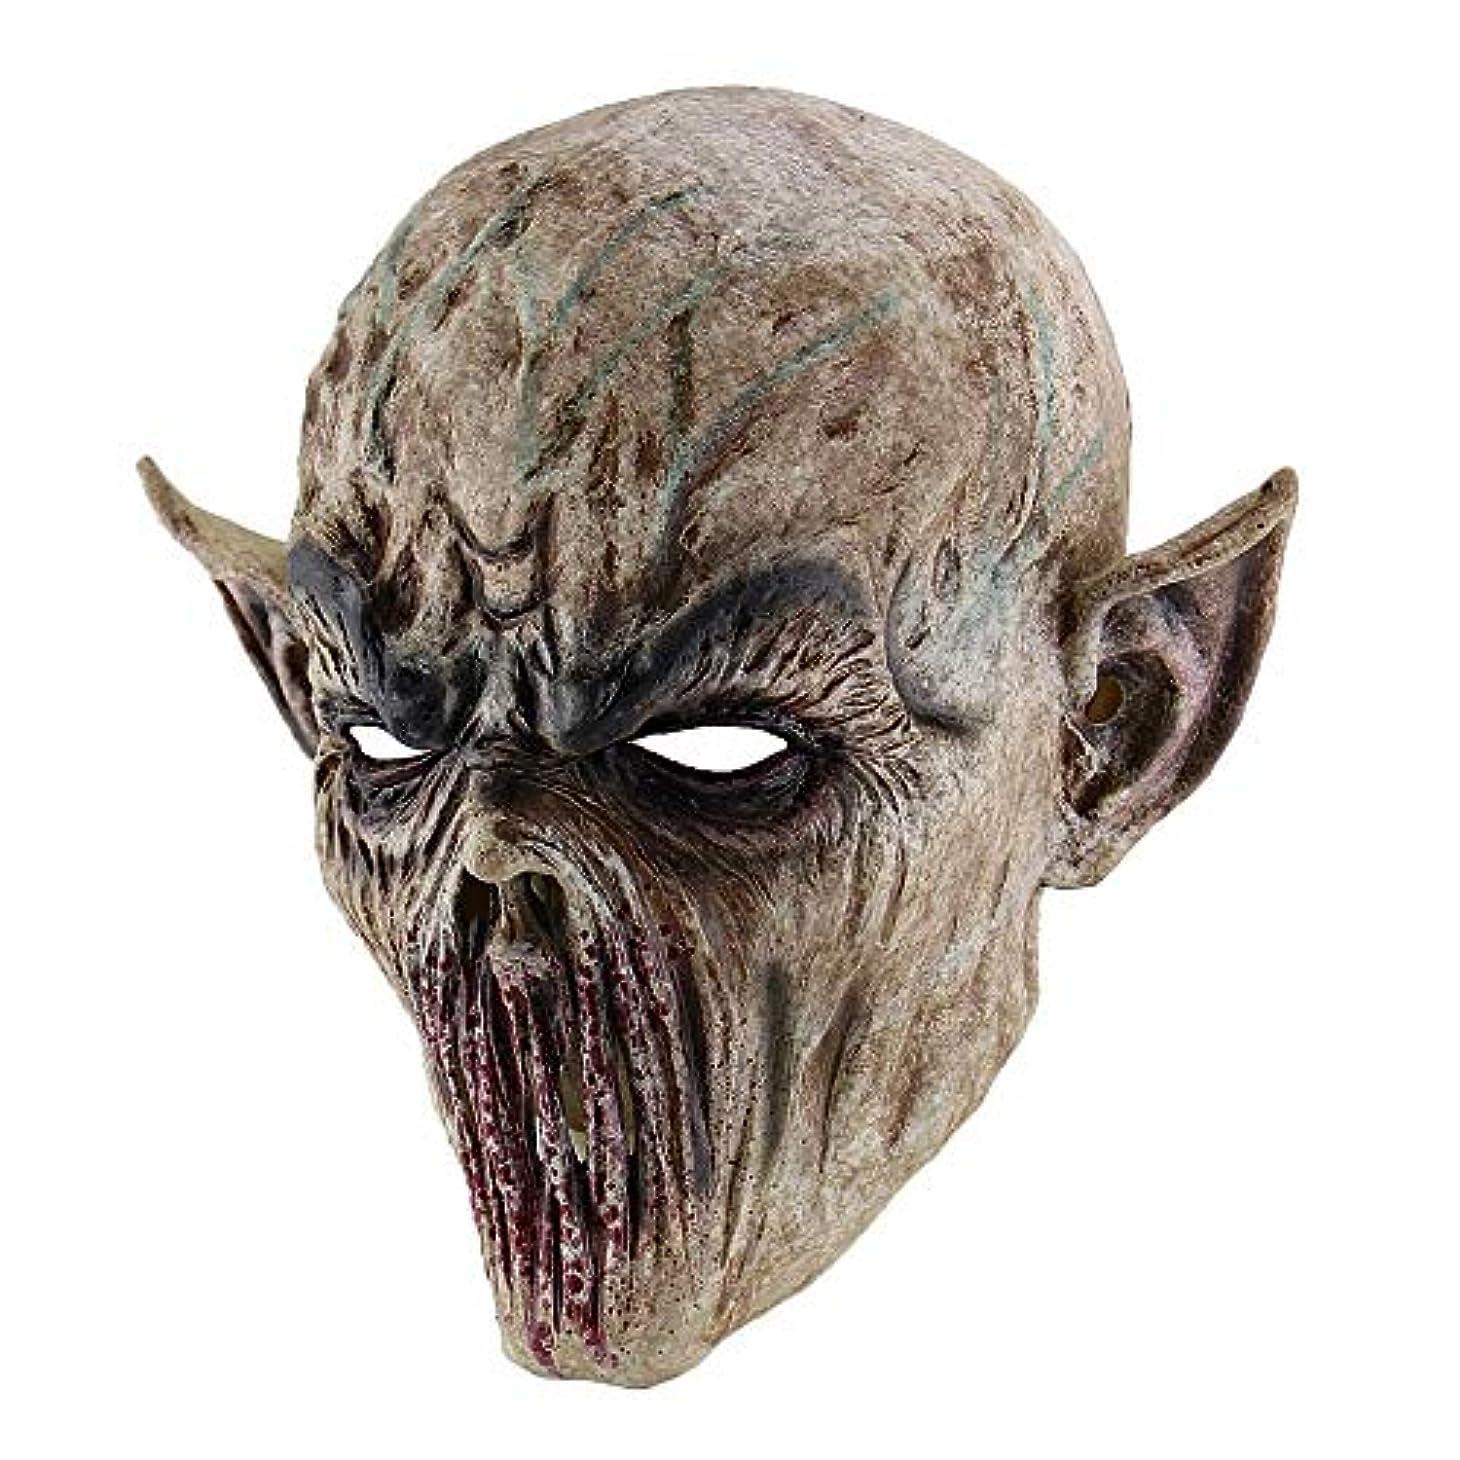 永久にさまよう問い合わせる不気味な怖いハロウィーン不気味なラテックスマスク、大人のパーティーコスプレ衣装、仮装衣装,Zombie